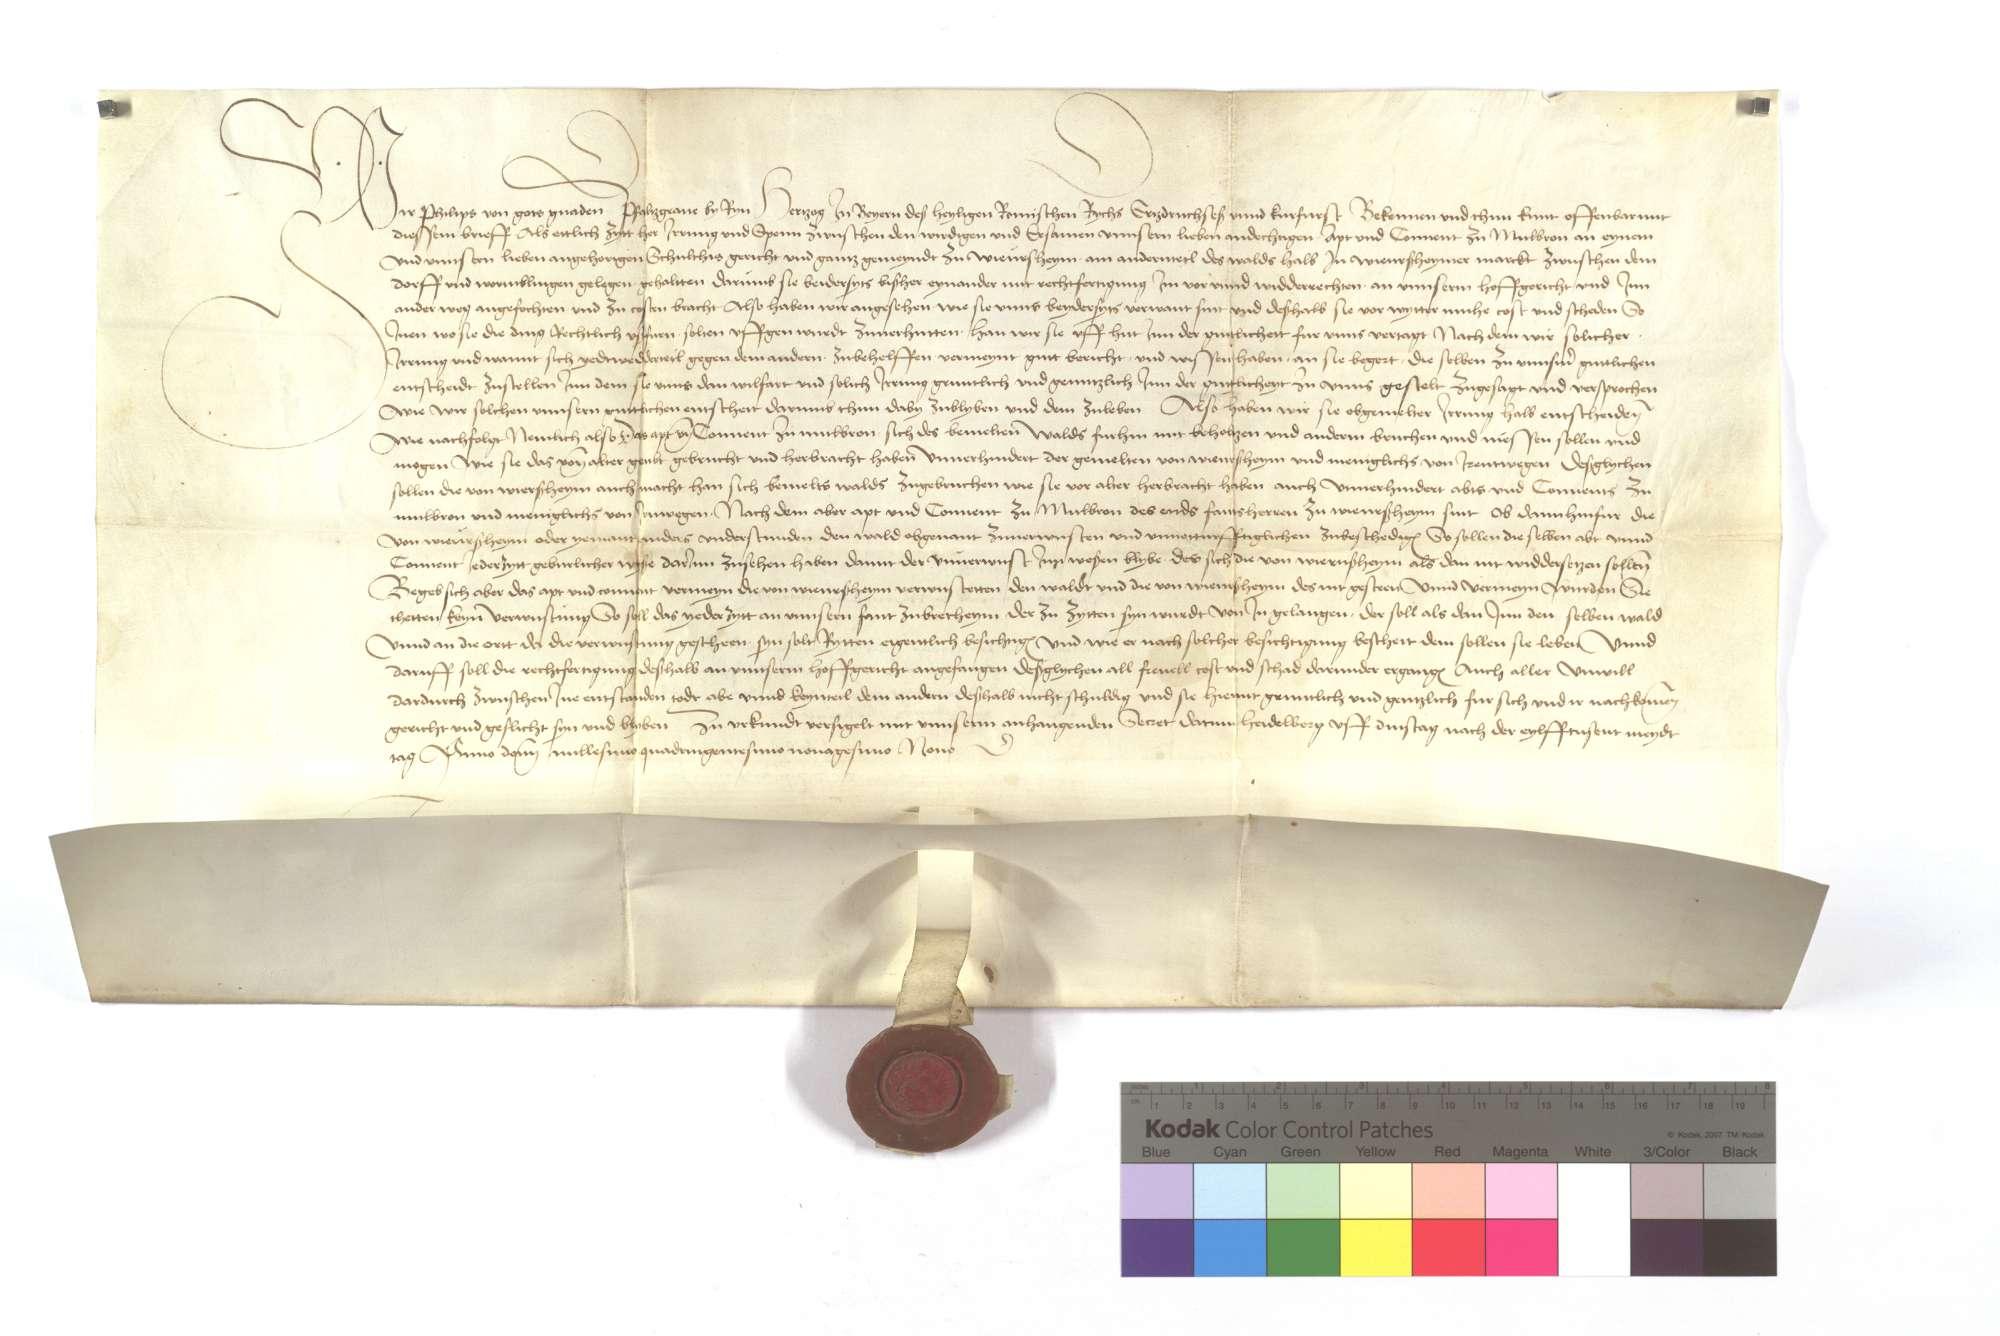 Kurfürst Philipps von der Pfalz Entscheid zwischen dem Kloster Maulbronn und der Kommune Wiernsheim wegen des Waldes in Wiernsheimer Markung zwischen dem Dorf und Wurmberg., Text